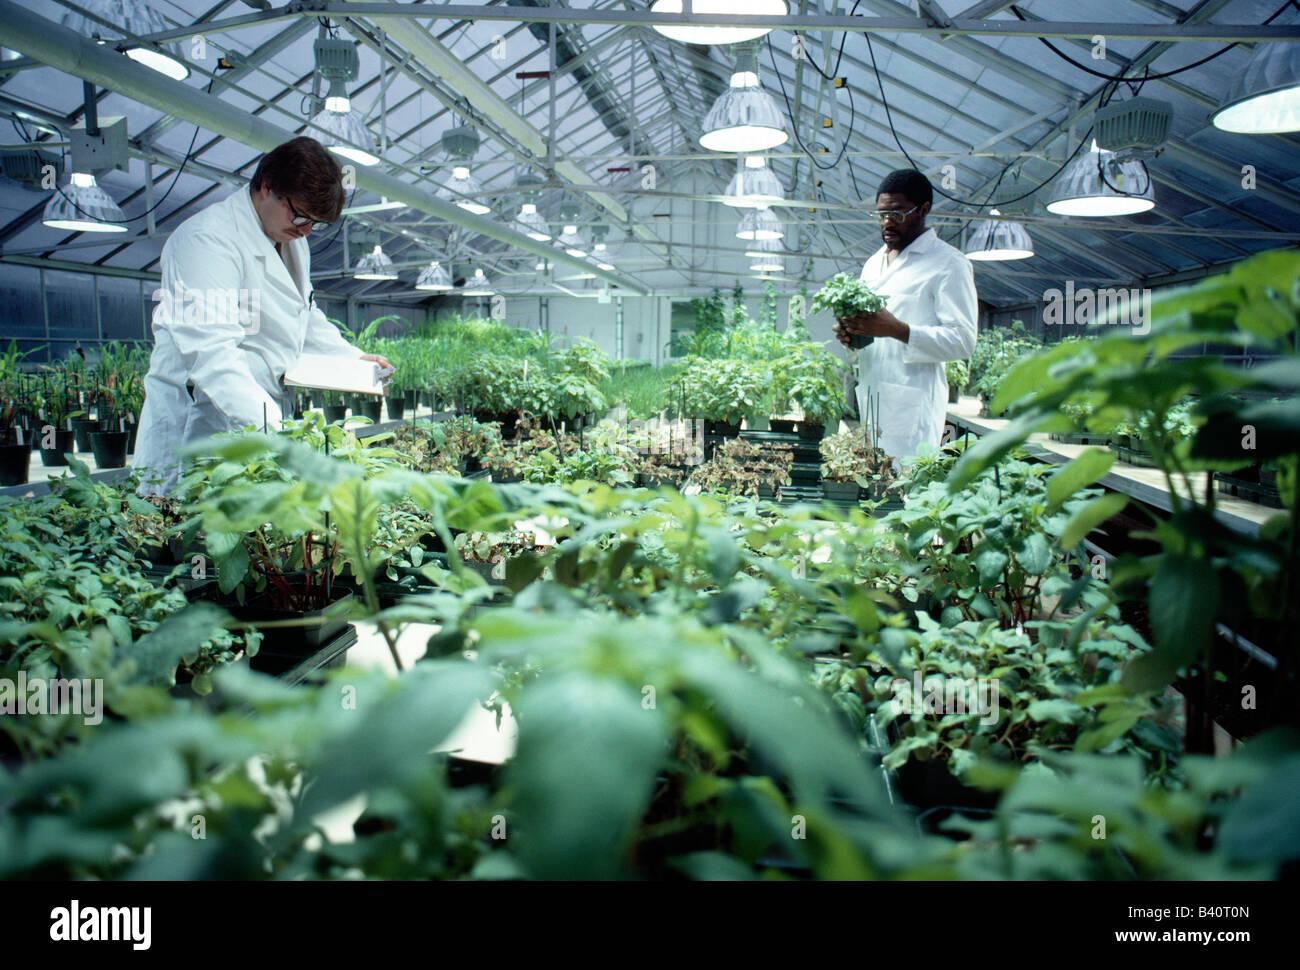 Wissenschaftler arbeiten im Gewächshaus bei einer Forschungs- und Entwicklungseinrichtung für ein Chemieunternehmen, Stockbild